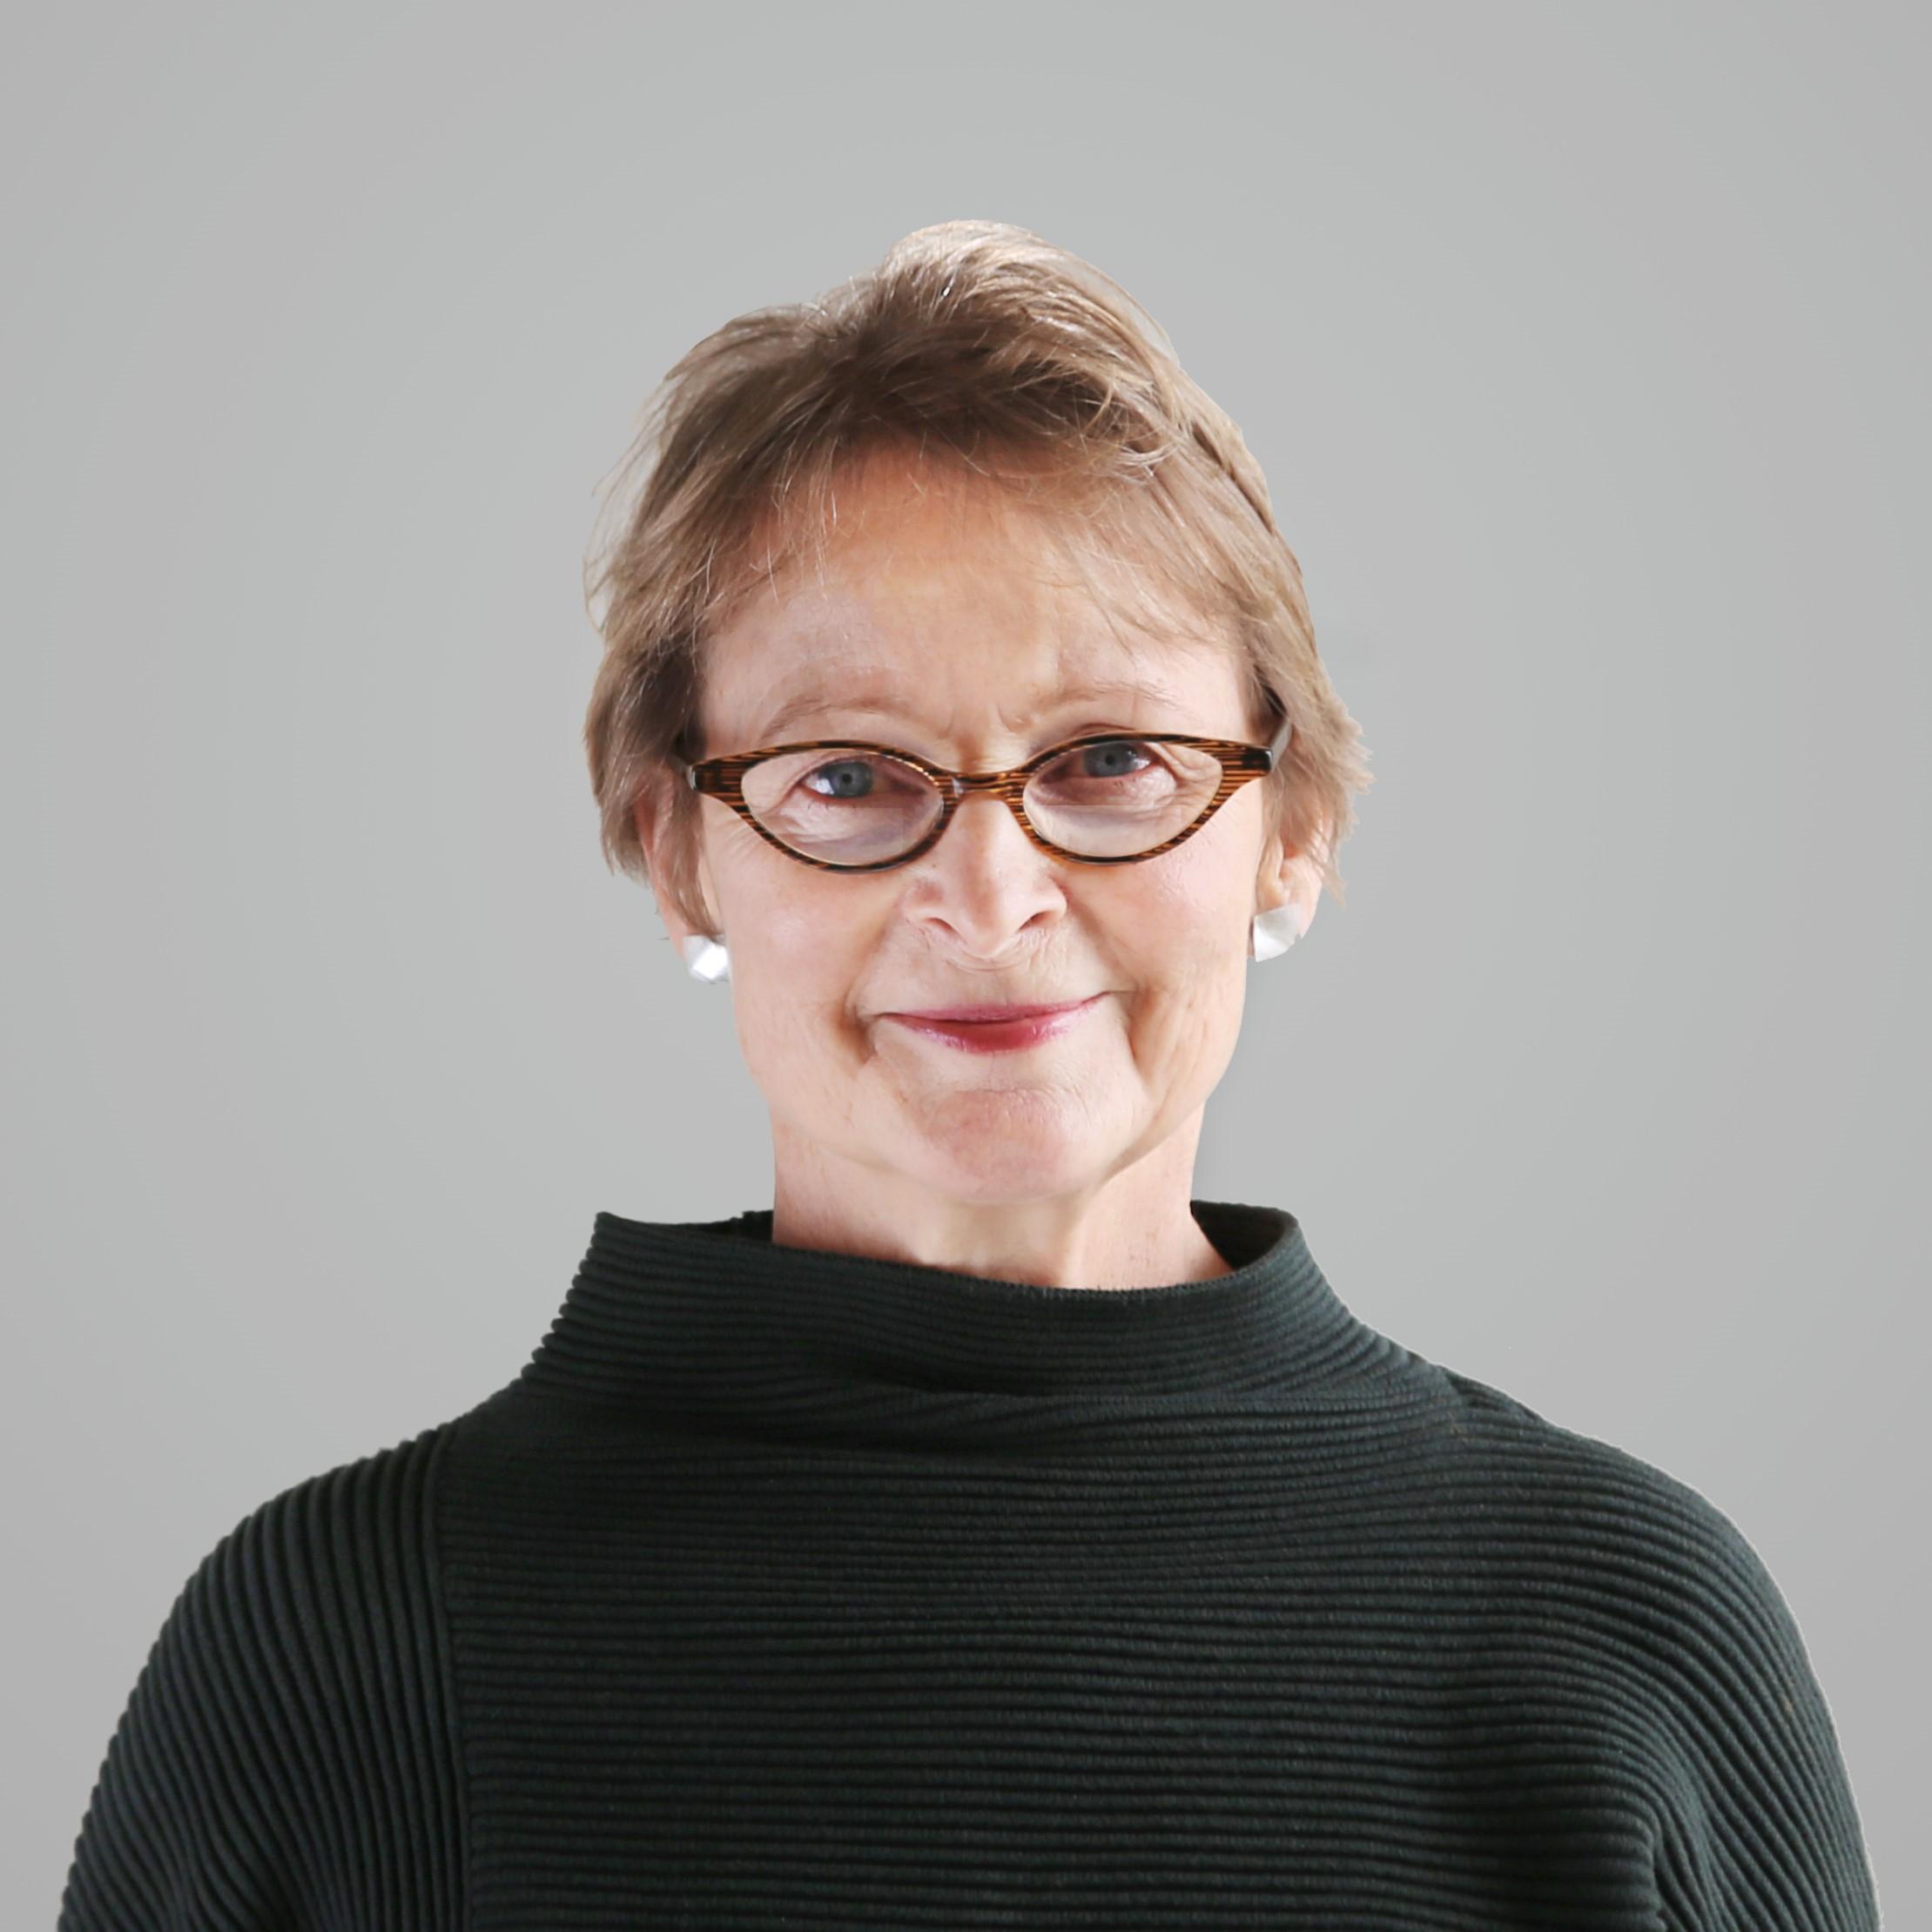 Joanne Fernandez